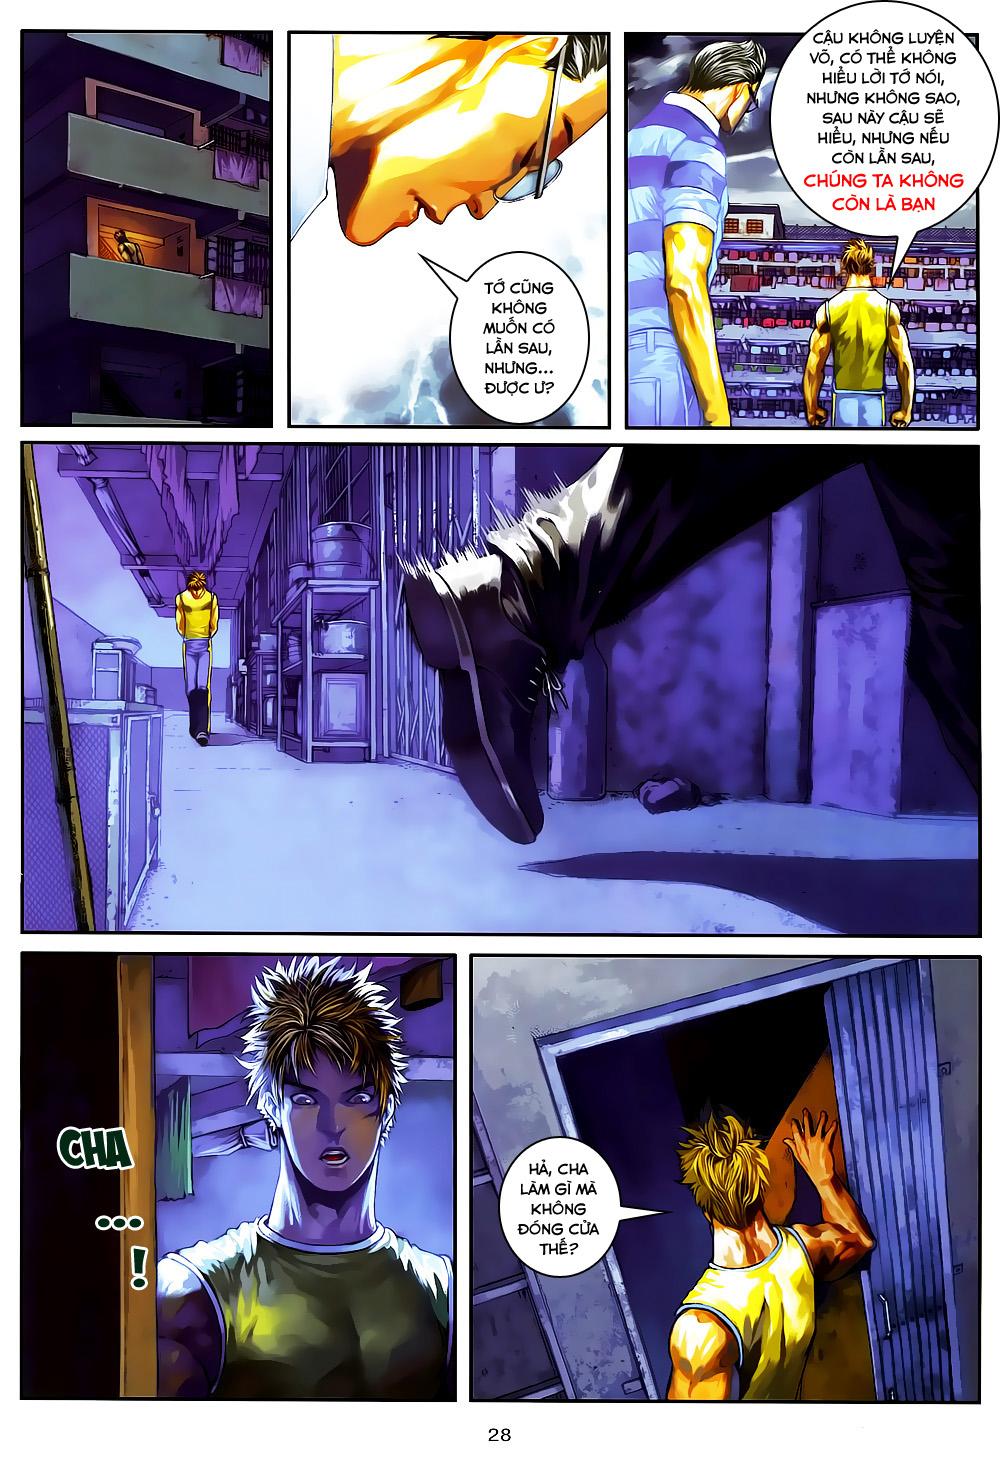 Quyền Đạo chapter 4 trang 28